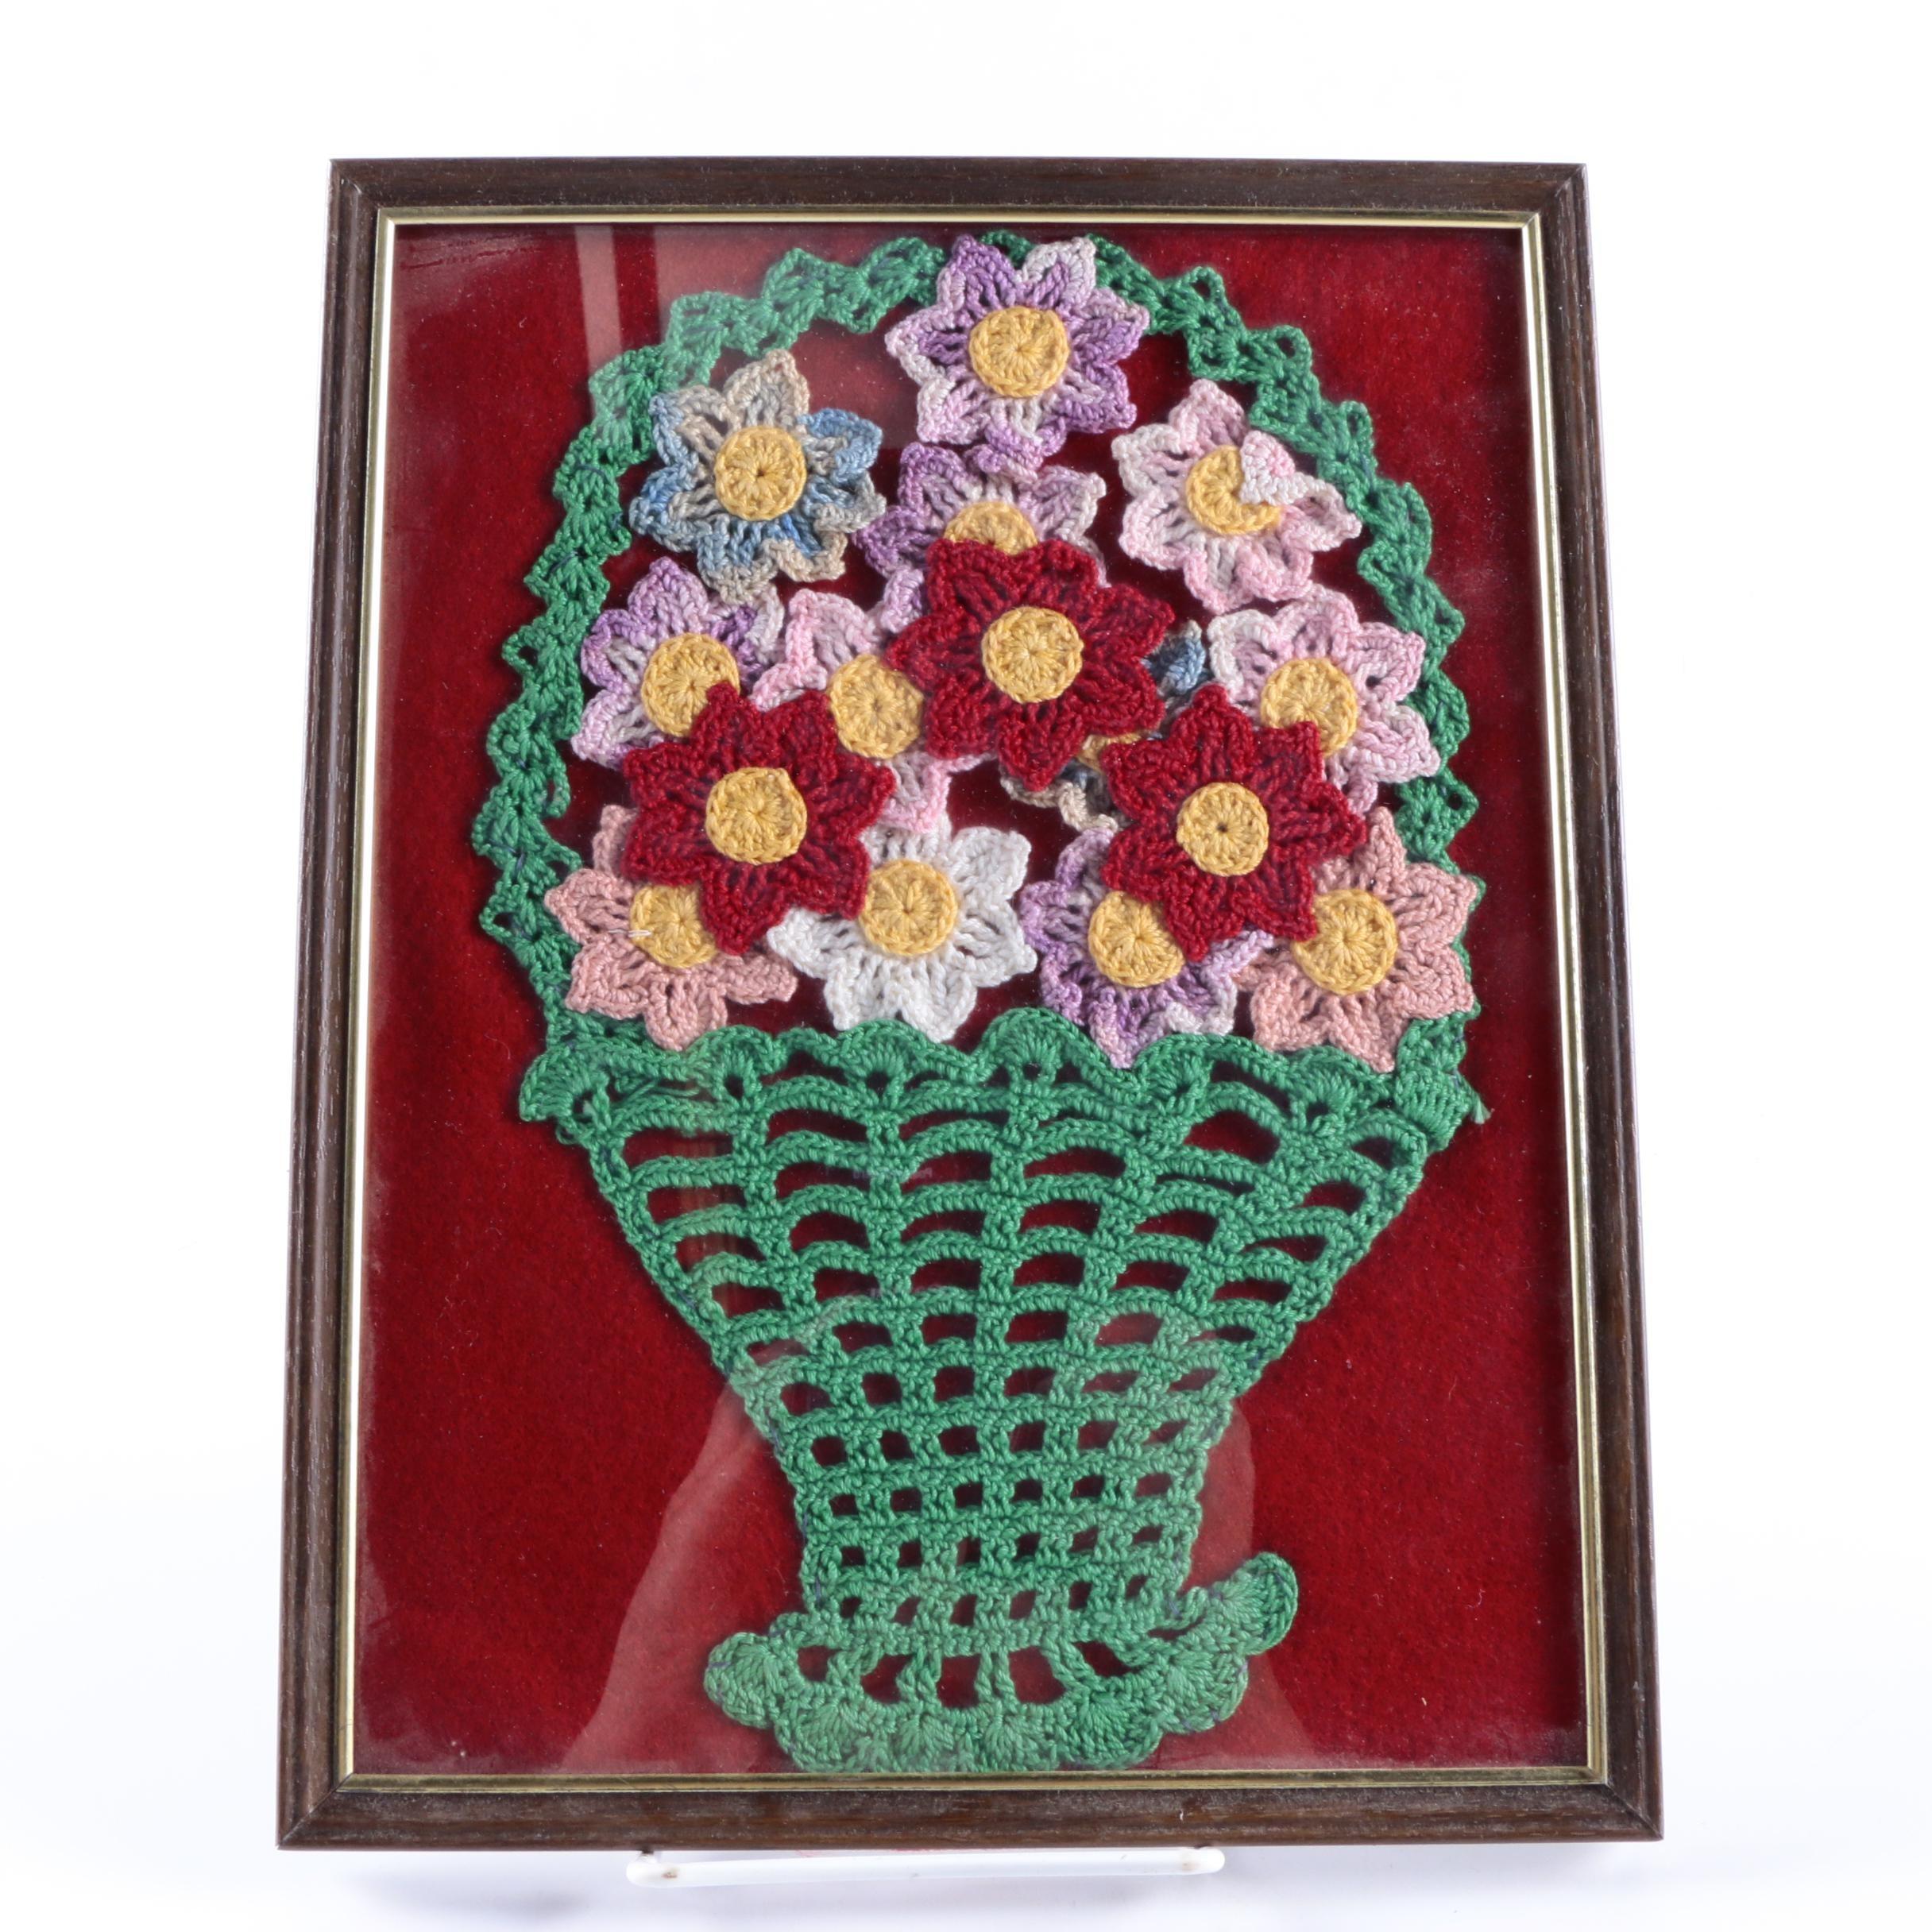 Framed Crocheted Floral Arrangement